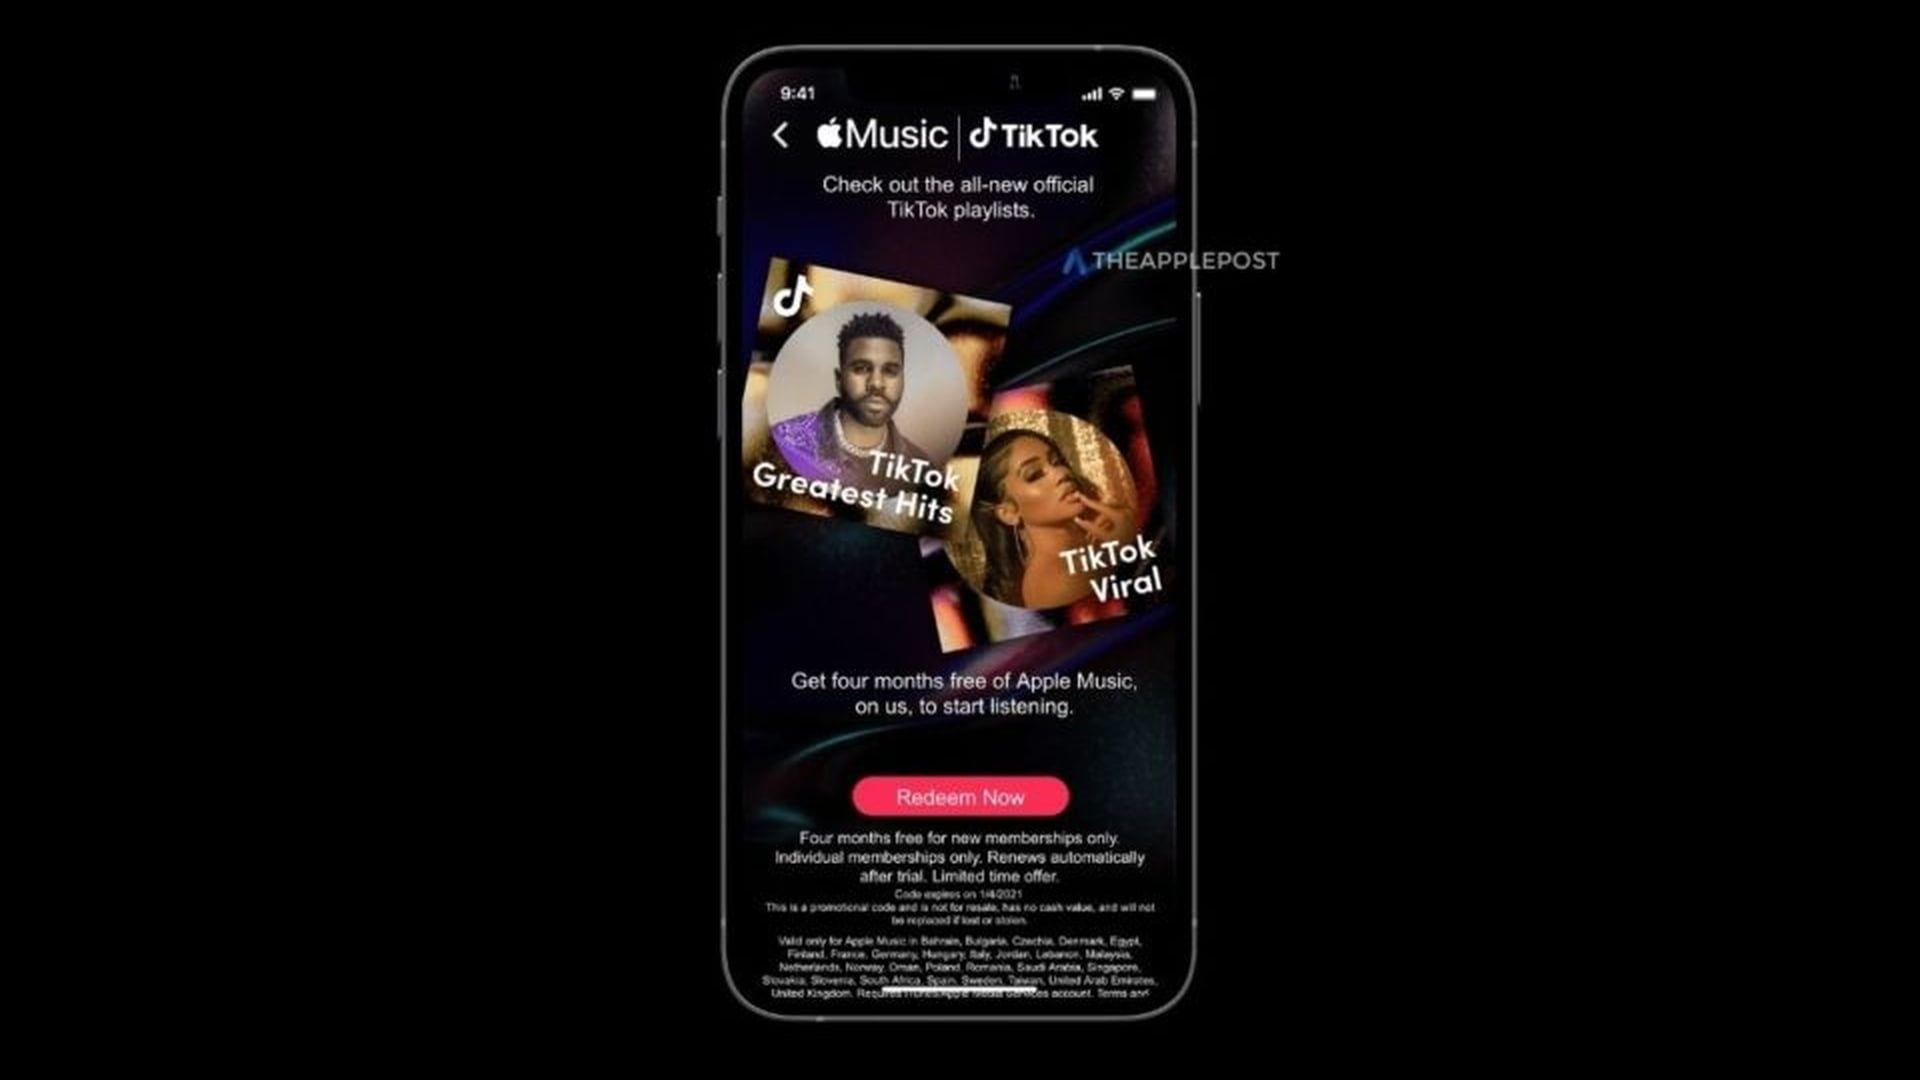 4 miesiące dostępu do Apple Music dzięki ofercie TikToka